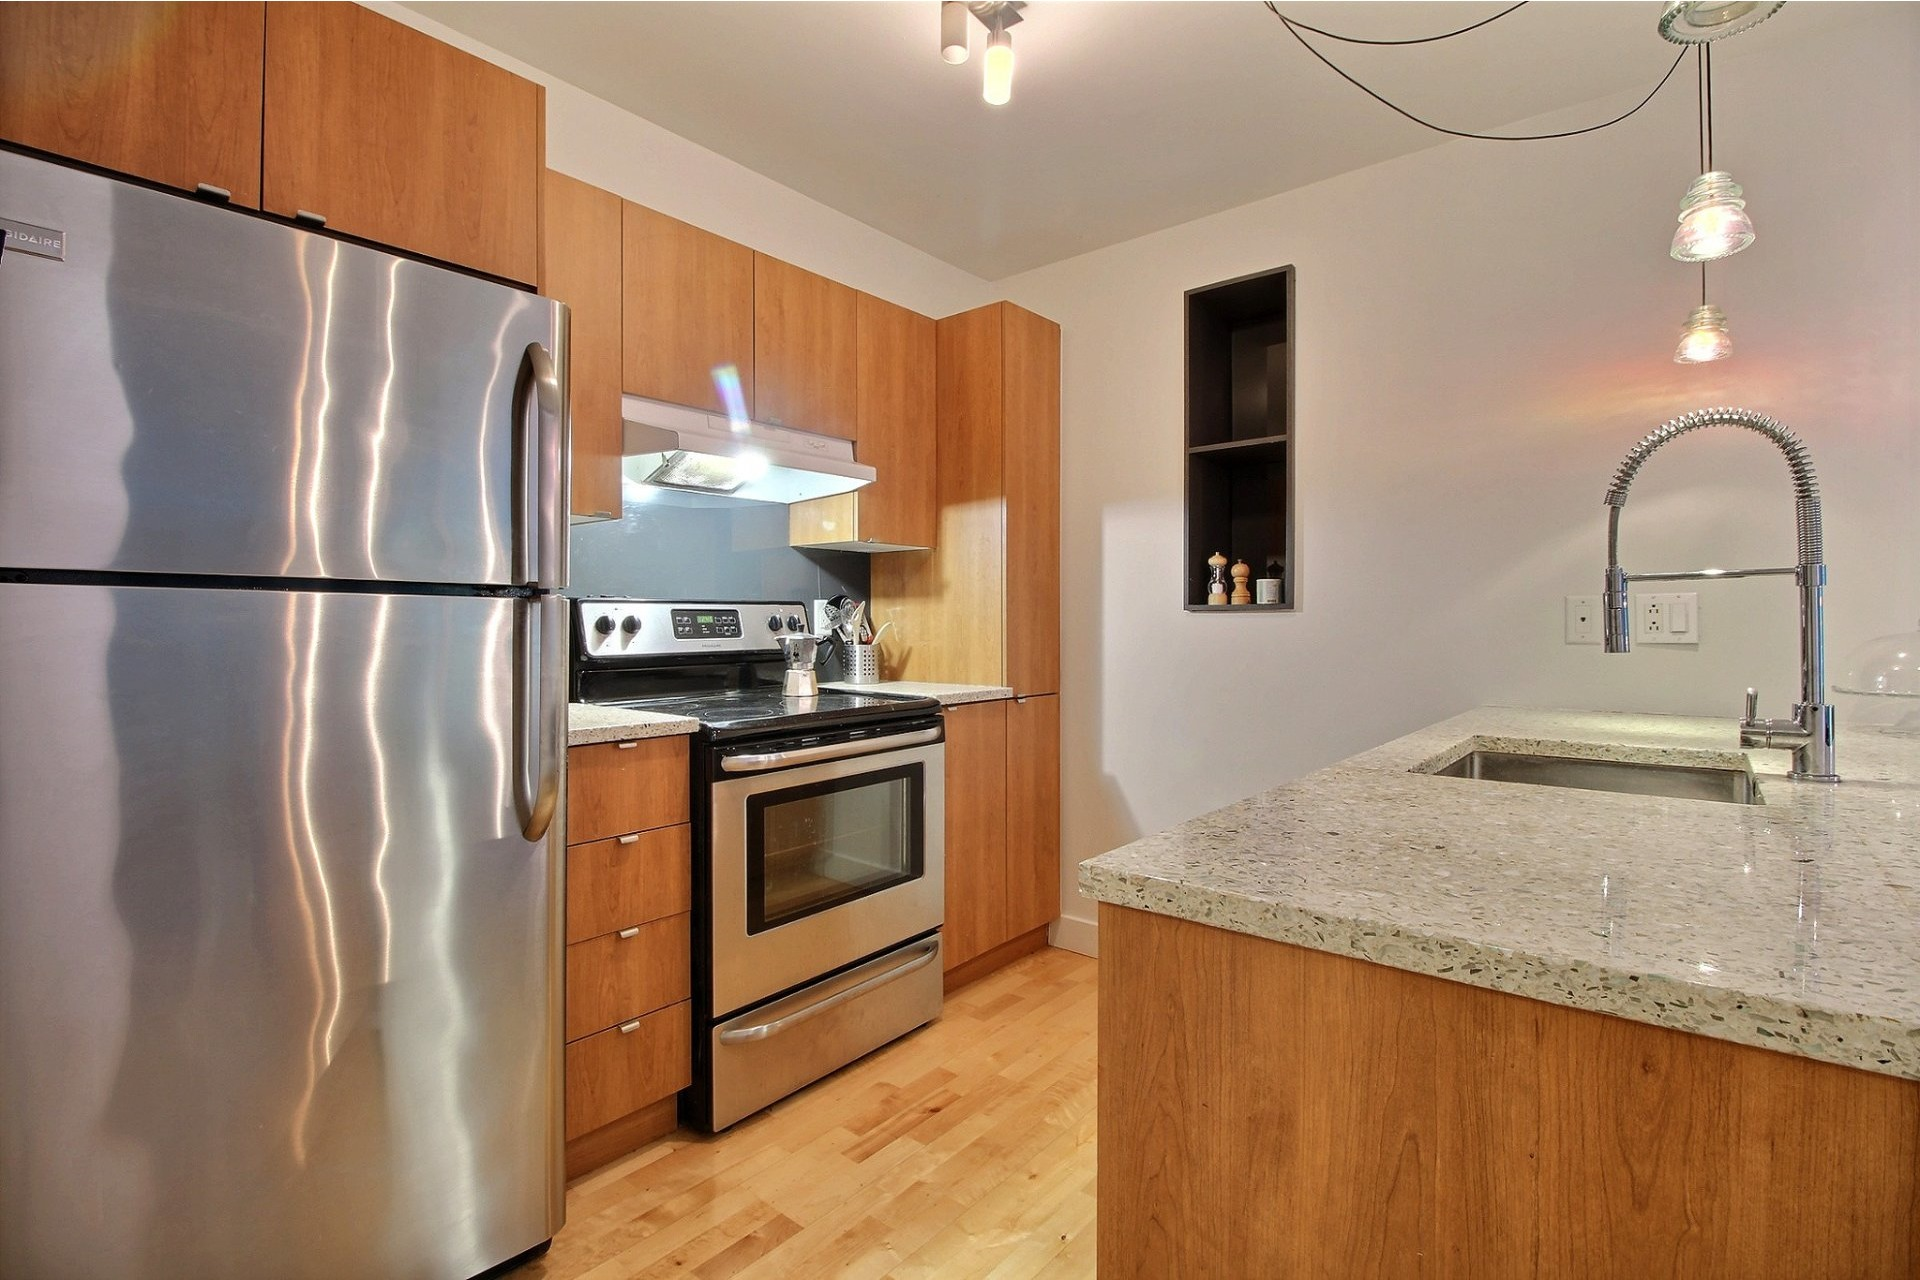 image 6 - Apartment For rent Montréal Mercier/Hochelaga-Maisonneuve  - 5 rooms